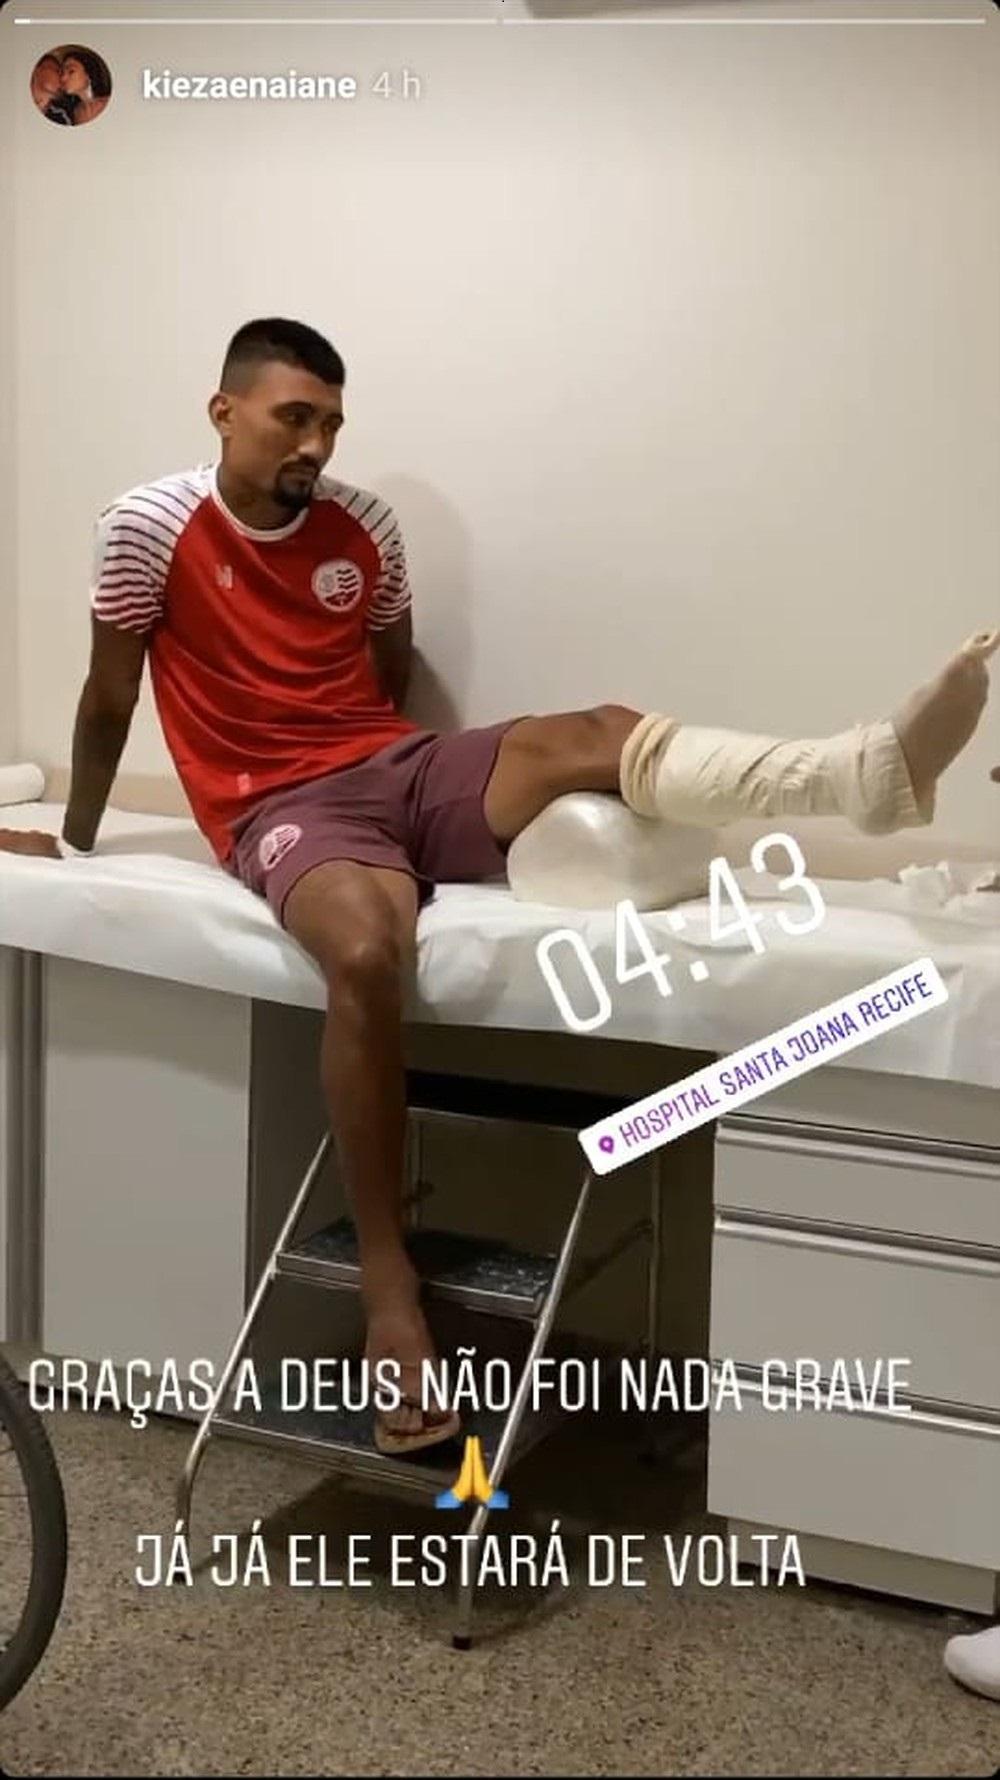 Kieza machucou o tornozelo esquerdo